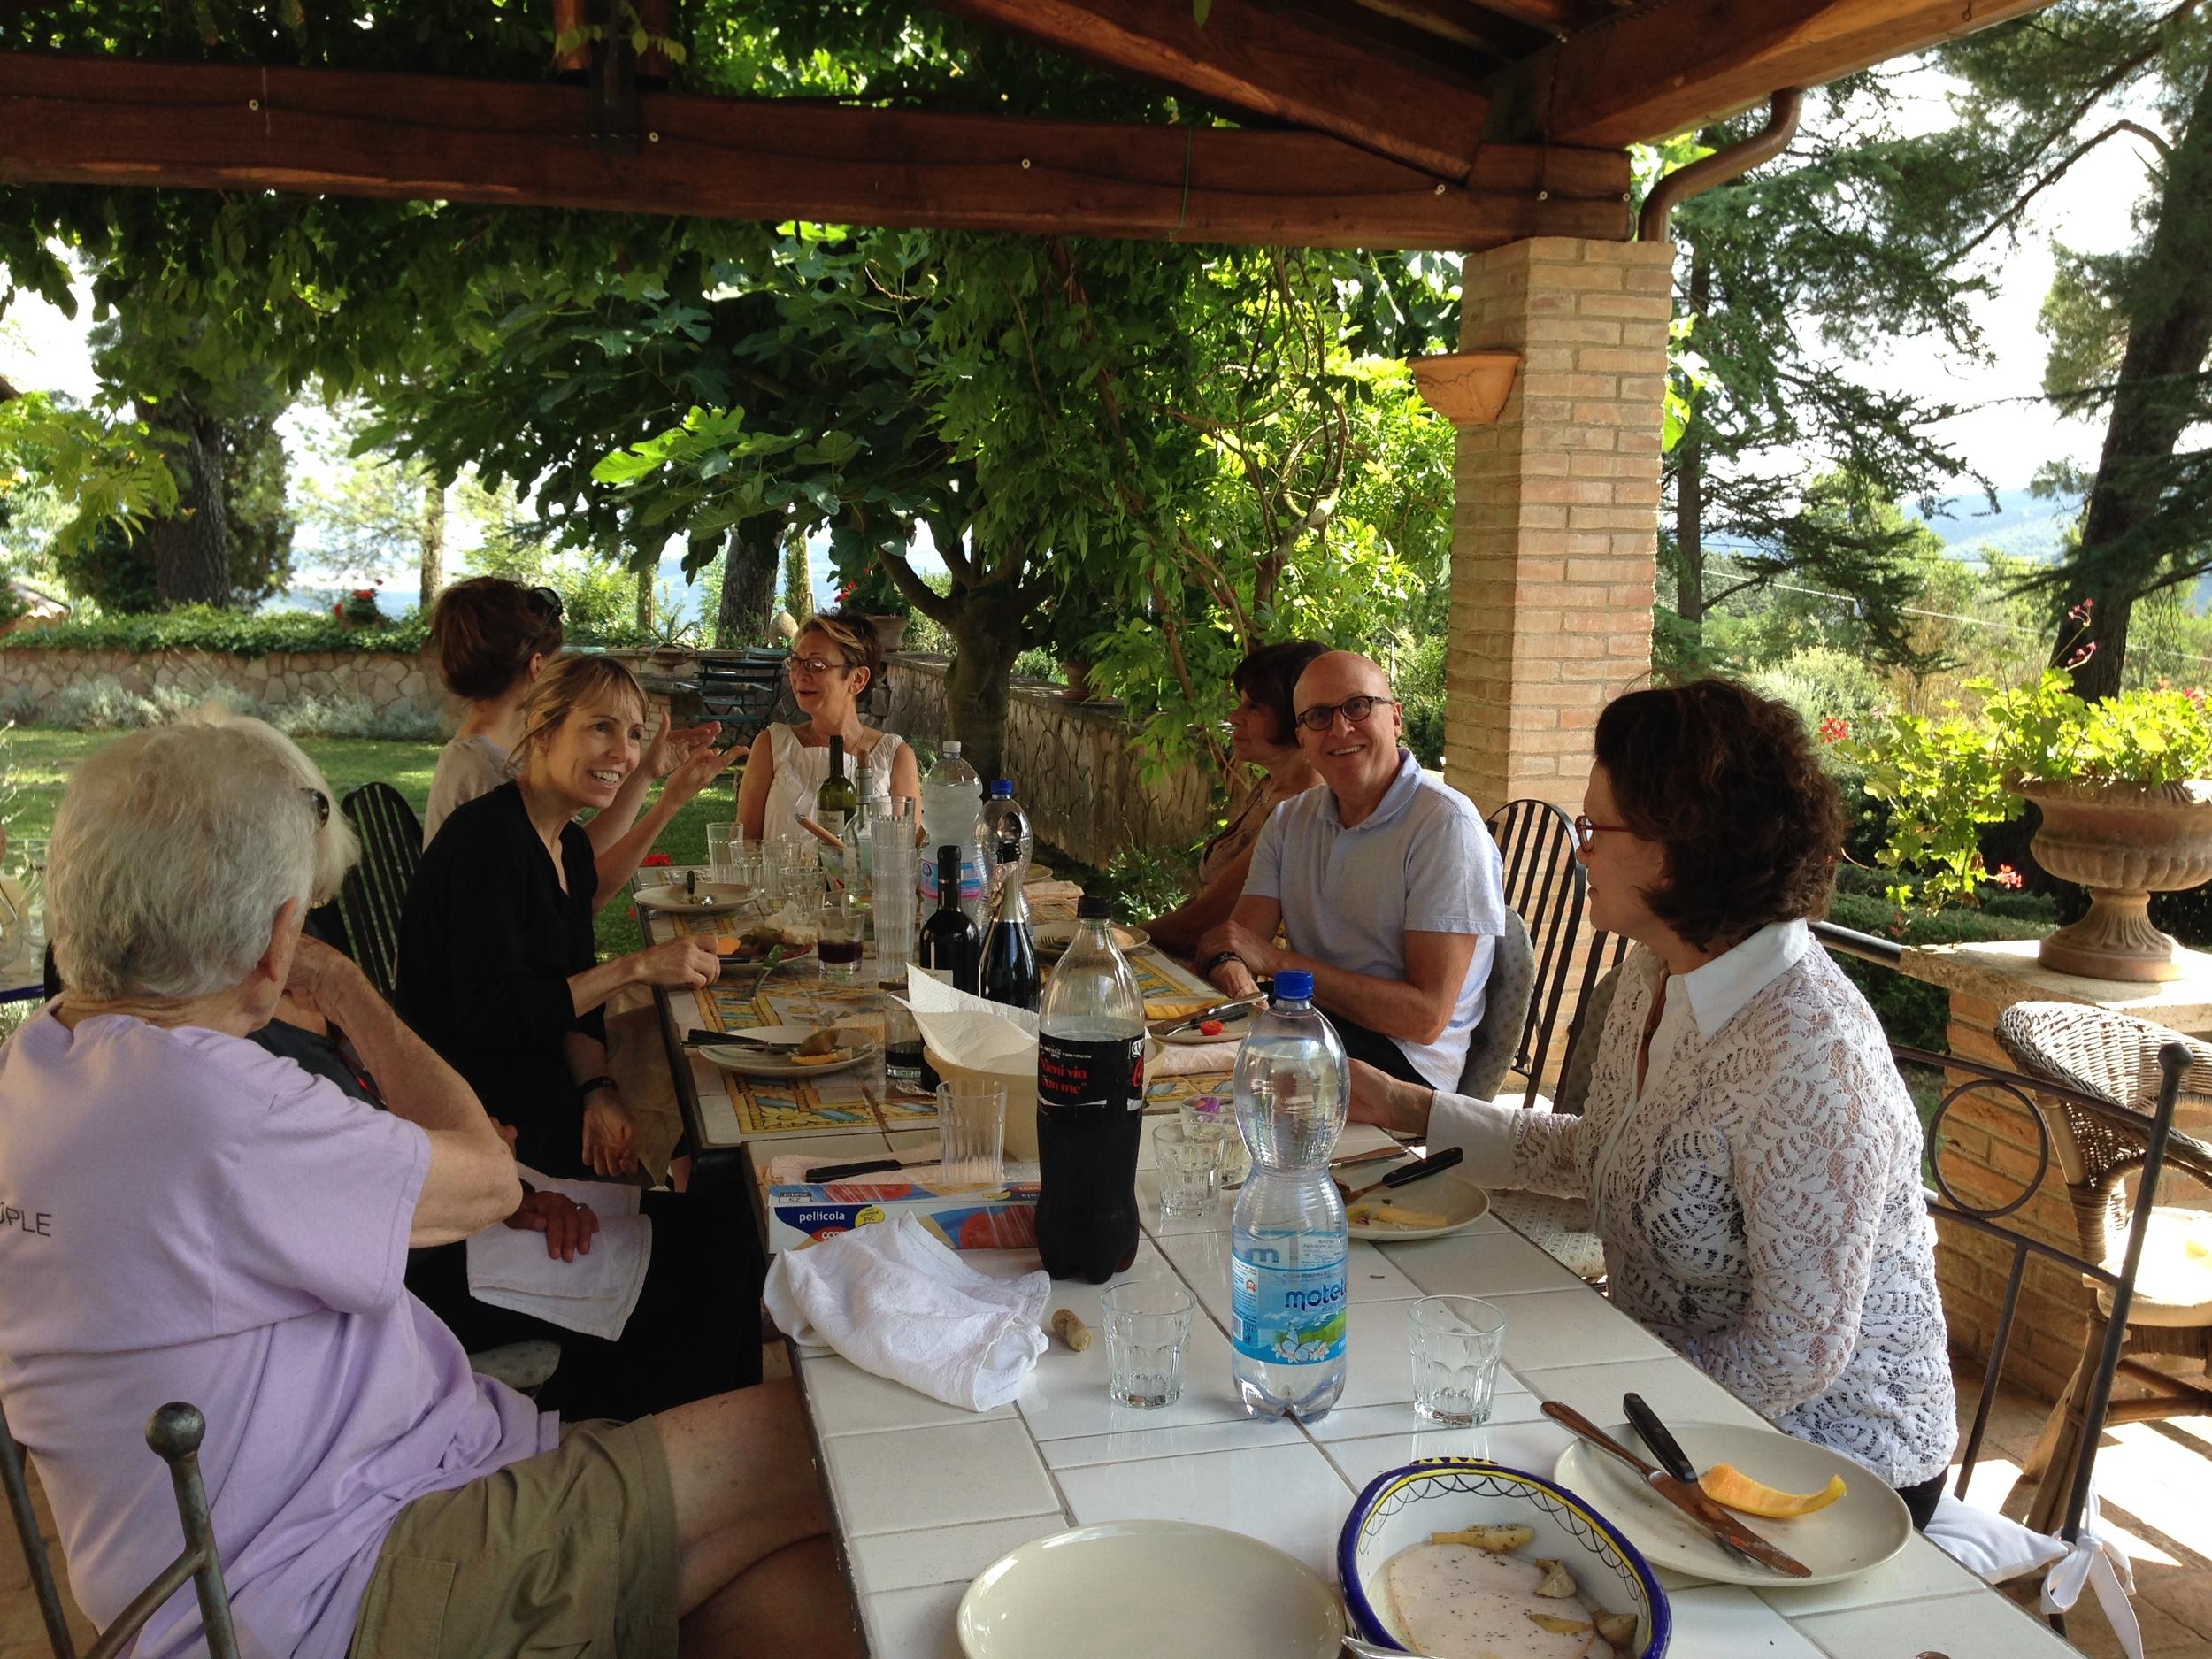 Dining al fresco under the pergola.